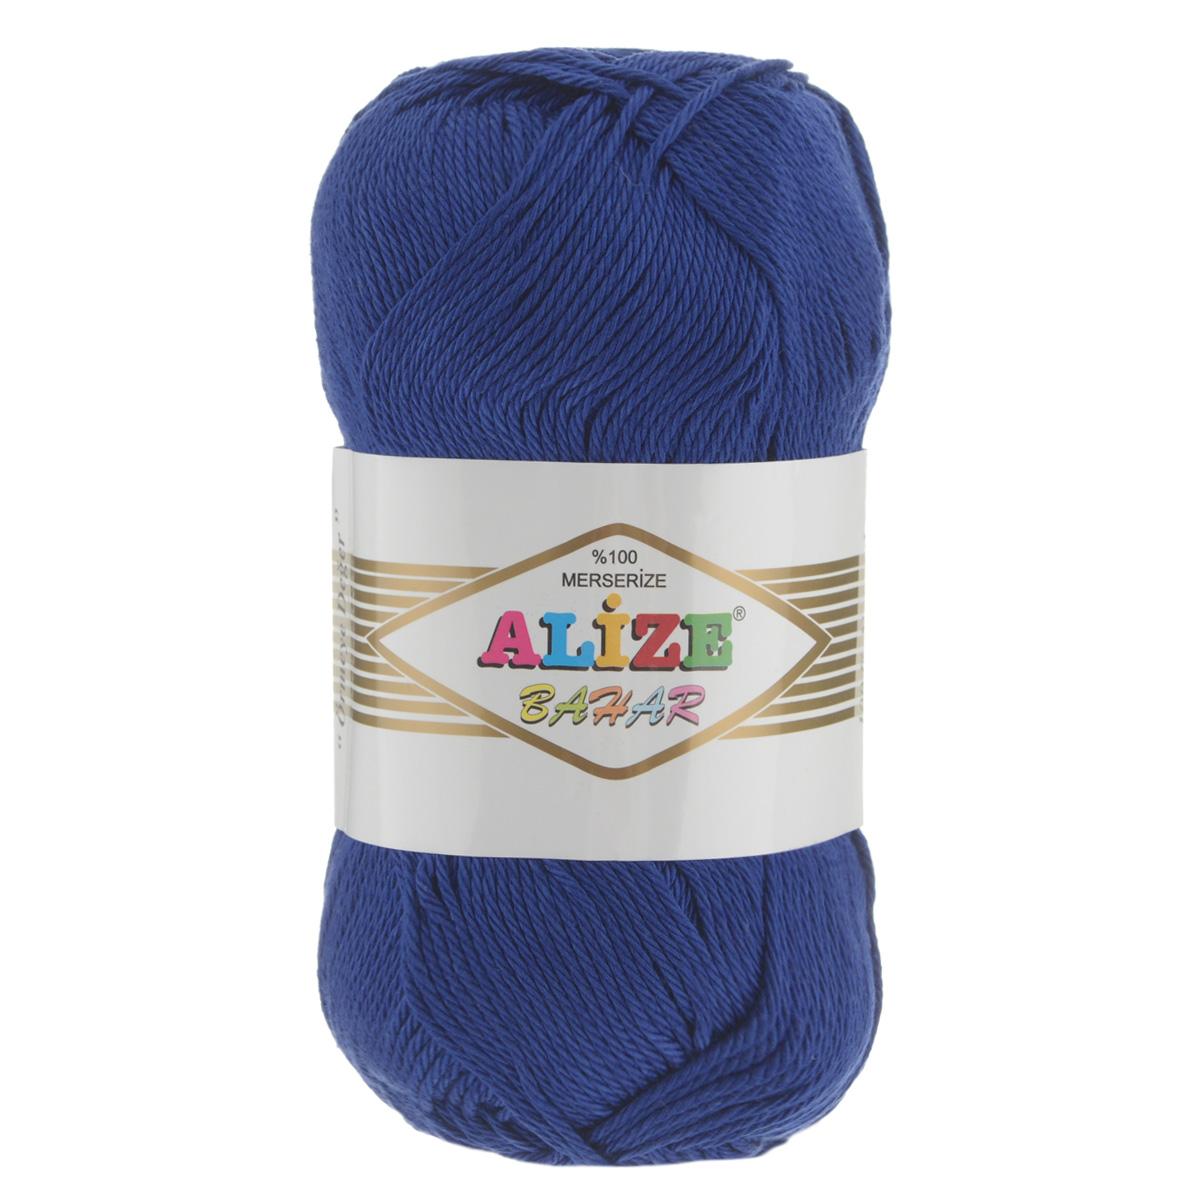 Пряжа для вязания Alize Bahar, цвет: полуночно-синий (360), 260 м, 100 г, 5 шт364089_360Пряжа Alize Bahar подходит для ручного вязания детям и взрослым. Пряжа однотонная, приятная на ощупь, хорошо лежит в полотне. Изделия из такой нити получаются мягкие и красивые. Рекомендованные спицы 3-5 мм и крючок для вязания 2-4 мм. Комплектация: 5 мотков. Состав: 100% хлопок.